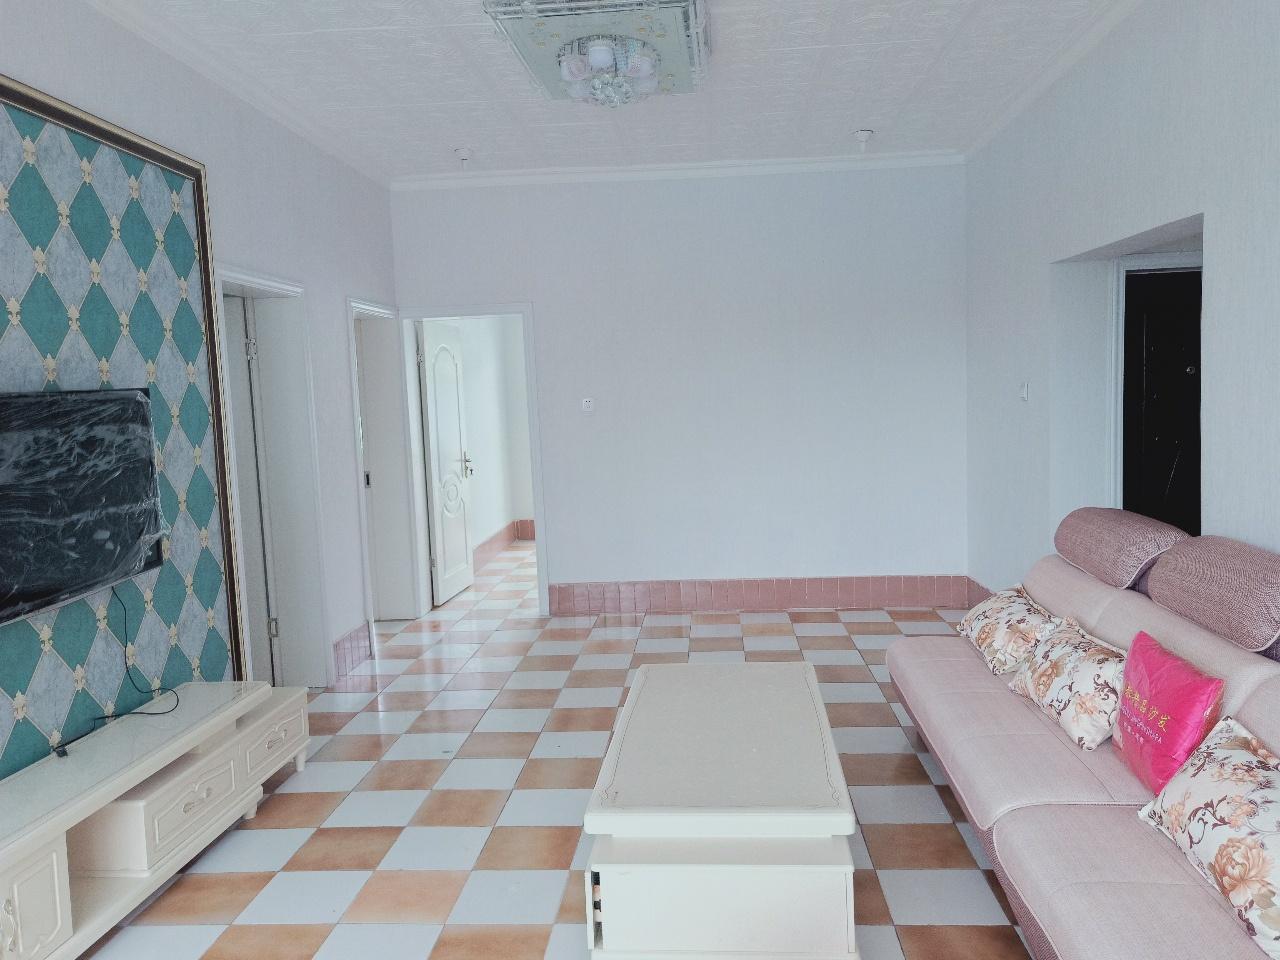 鳌峰学区房国税家属房6楼送顶楼5室 2厅 2卫47.8万元